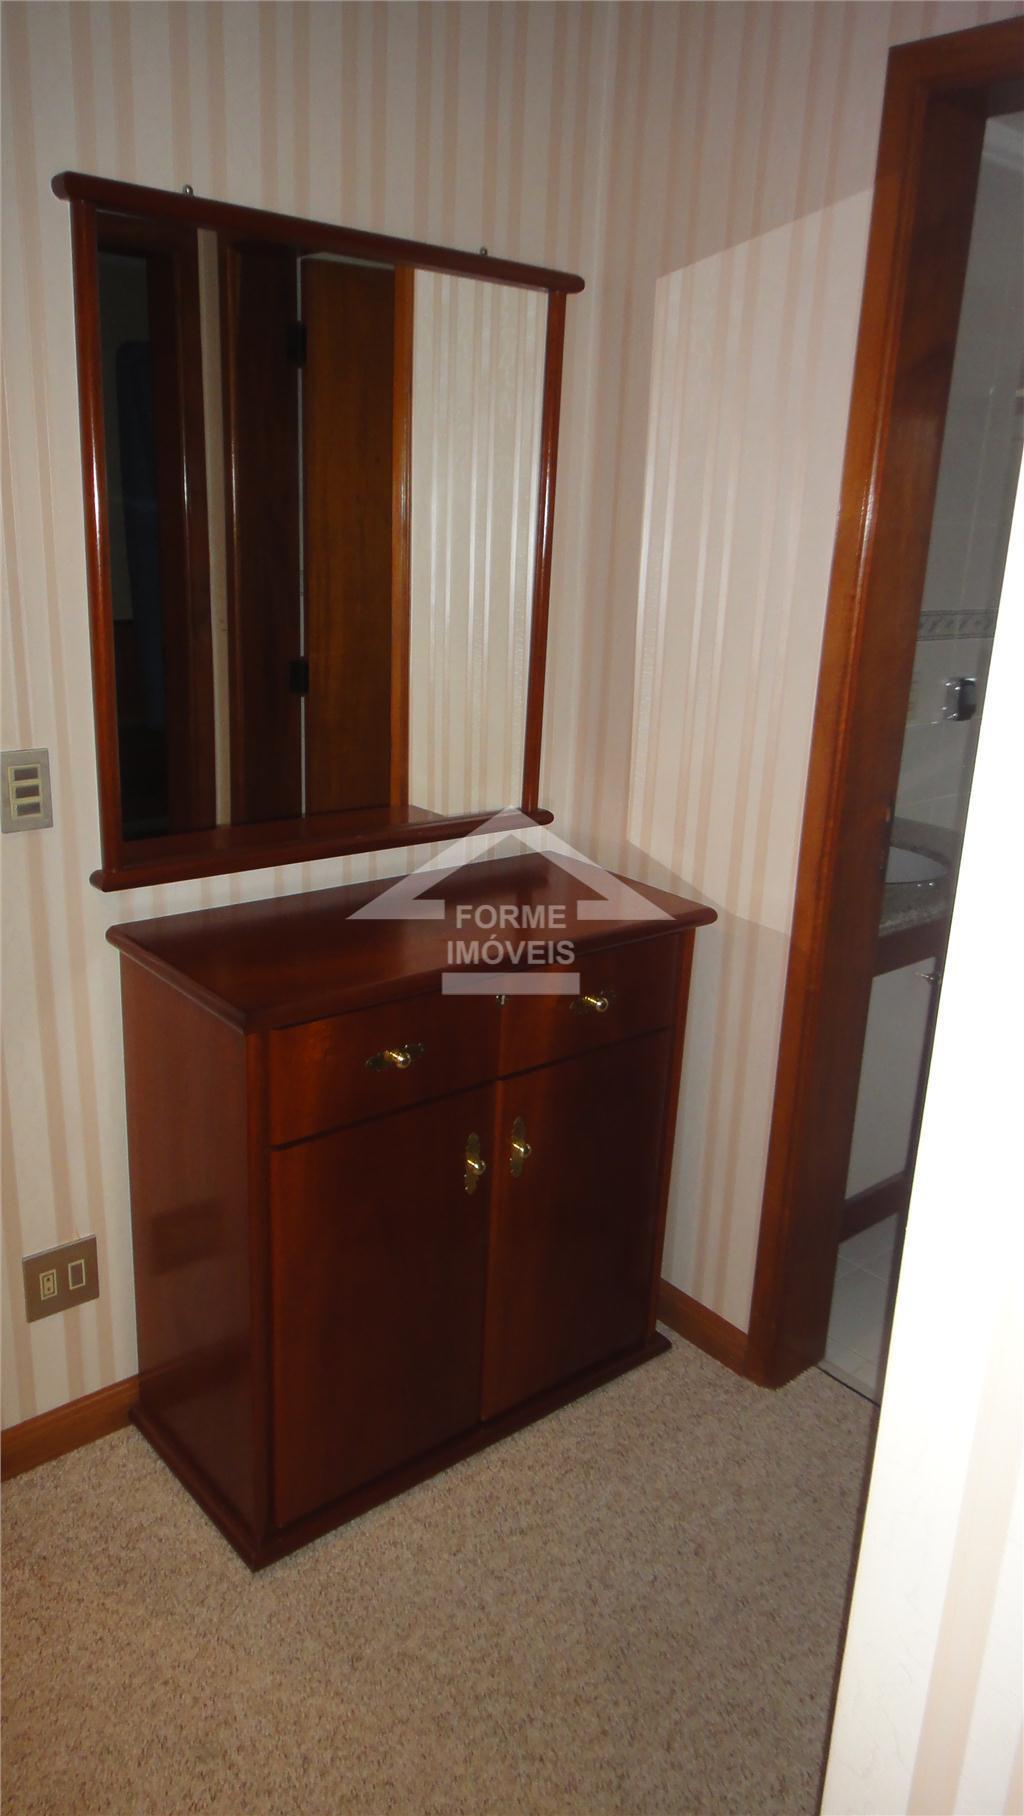 apartamento com 4 dorms, sendo 2 suítes, e o 4° dorm, foi tansformado em 1 escritório,...